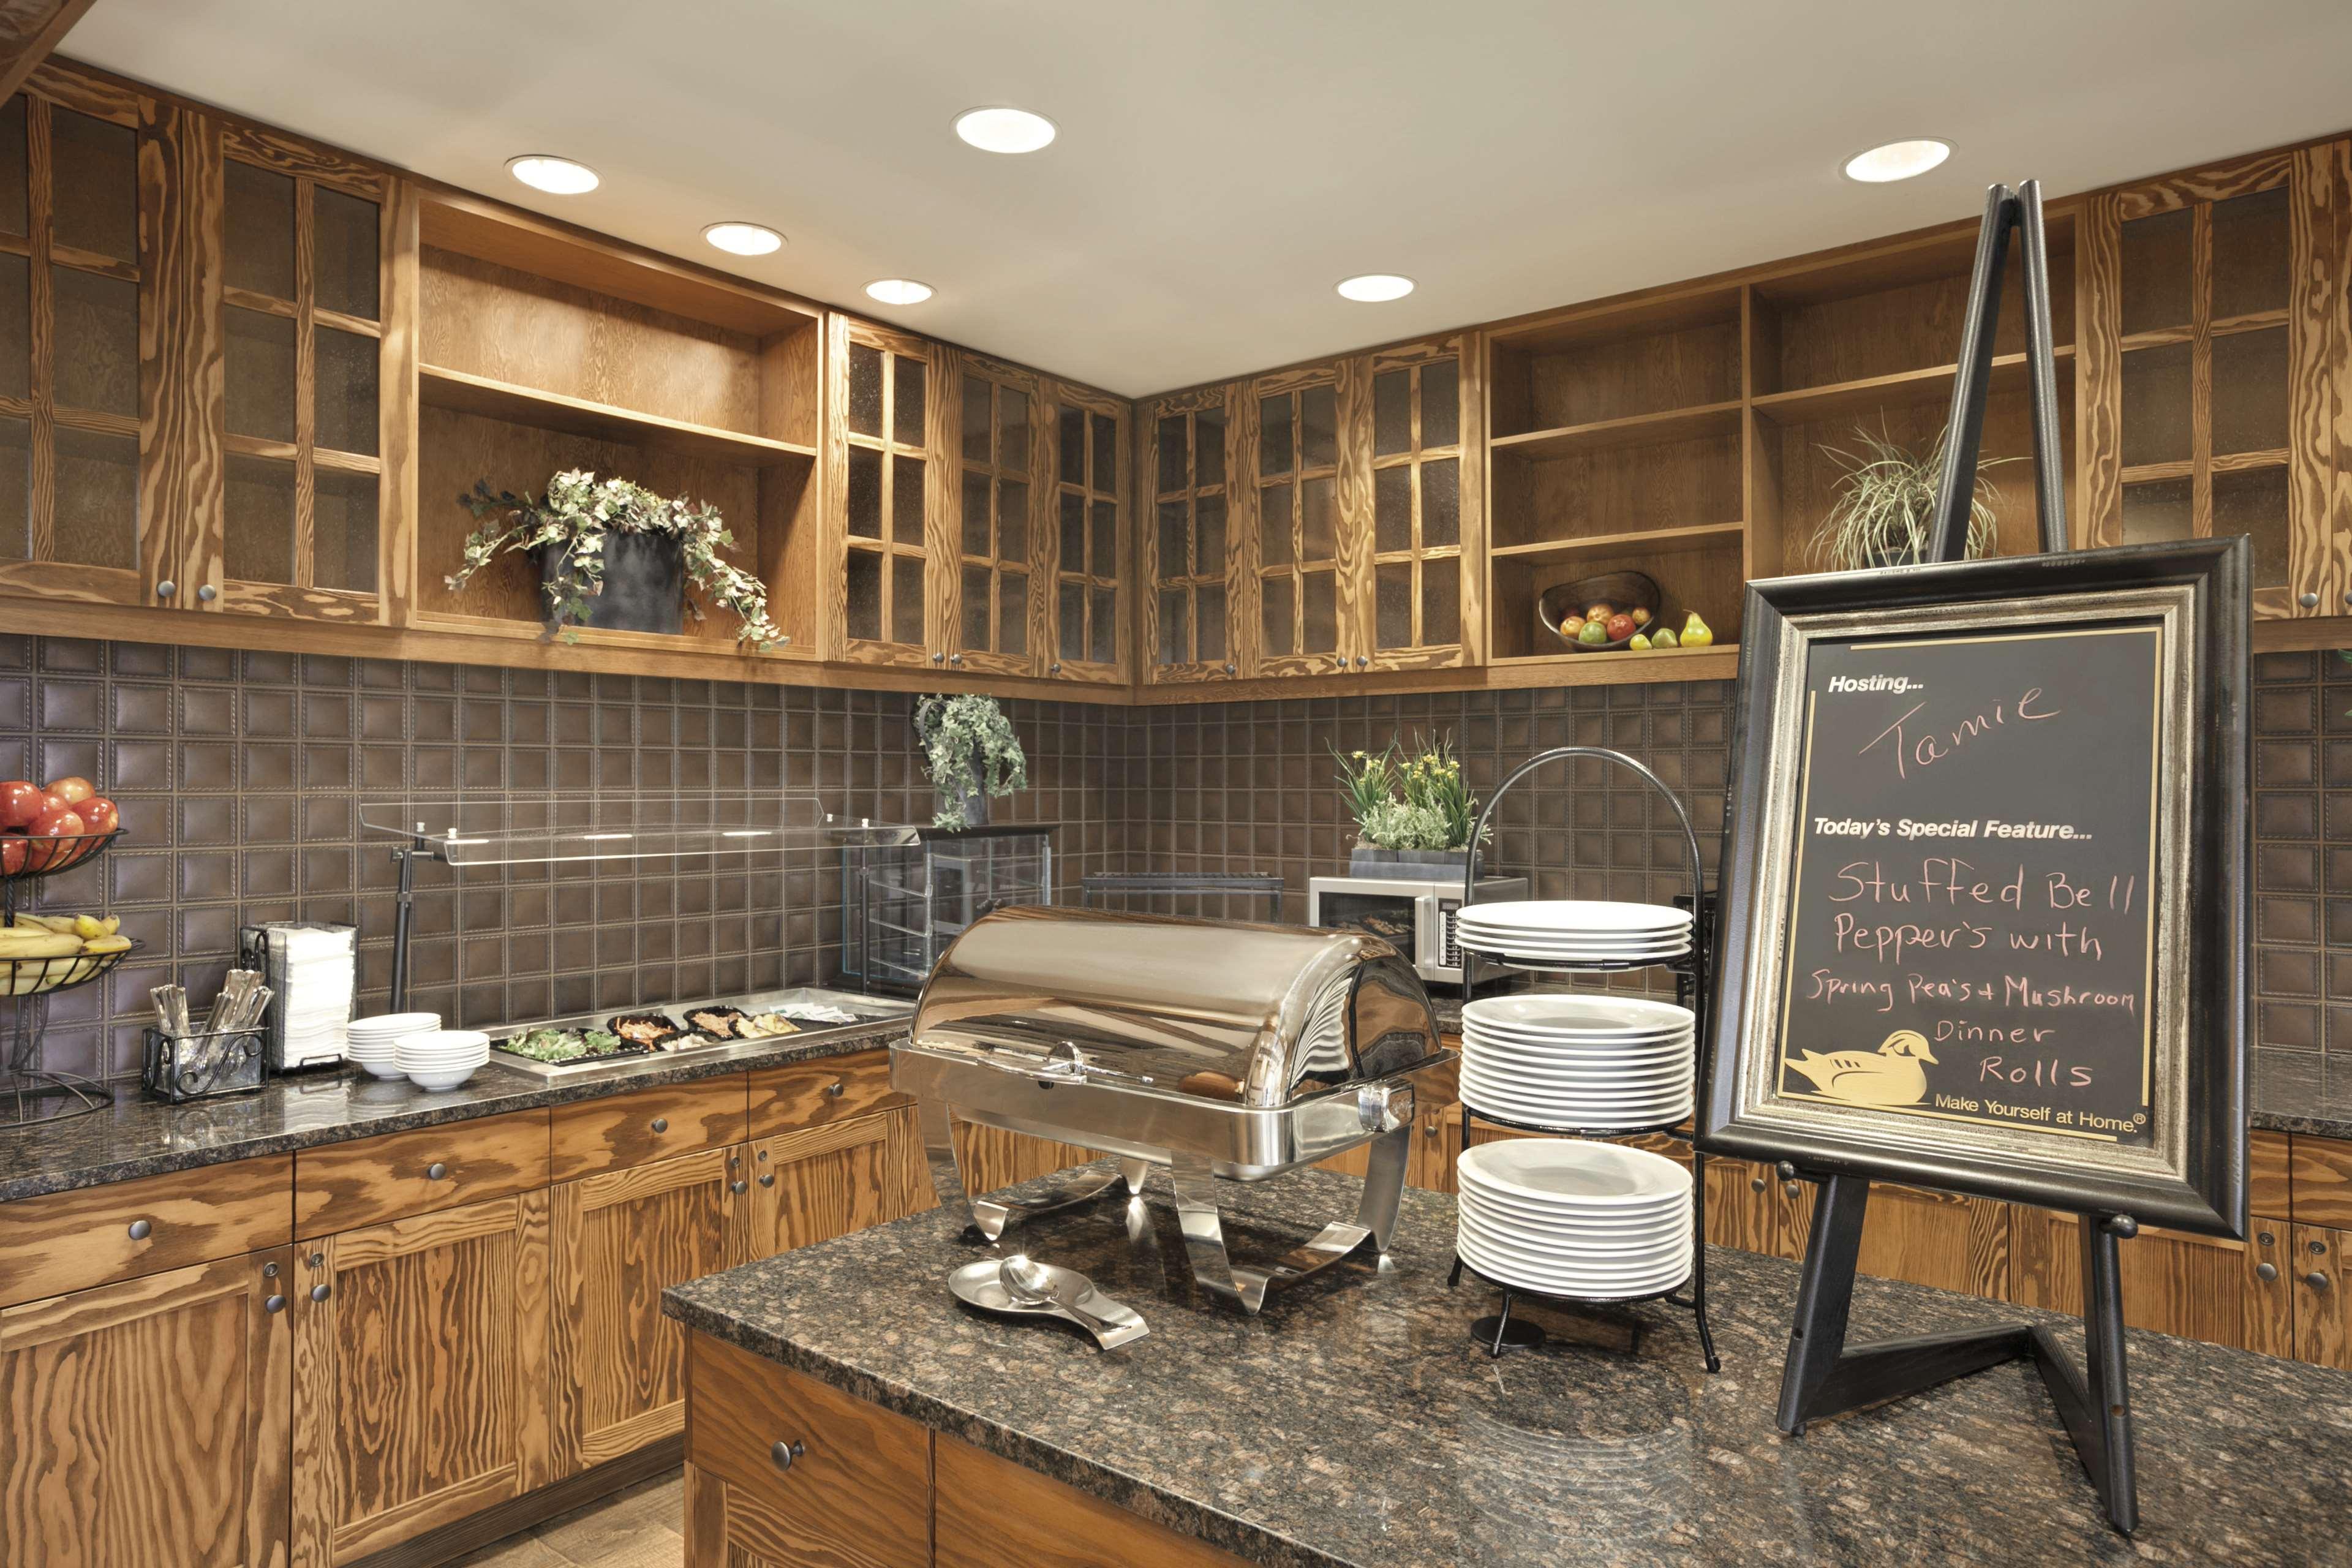 Homewood Suites by Hilton Kalispell, MT image 7